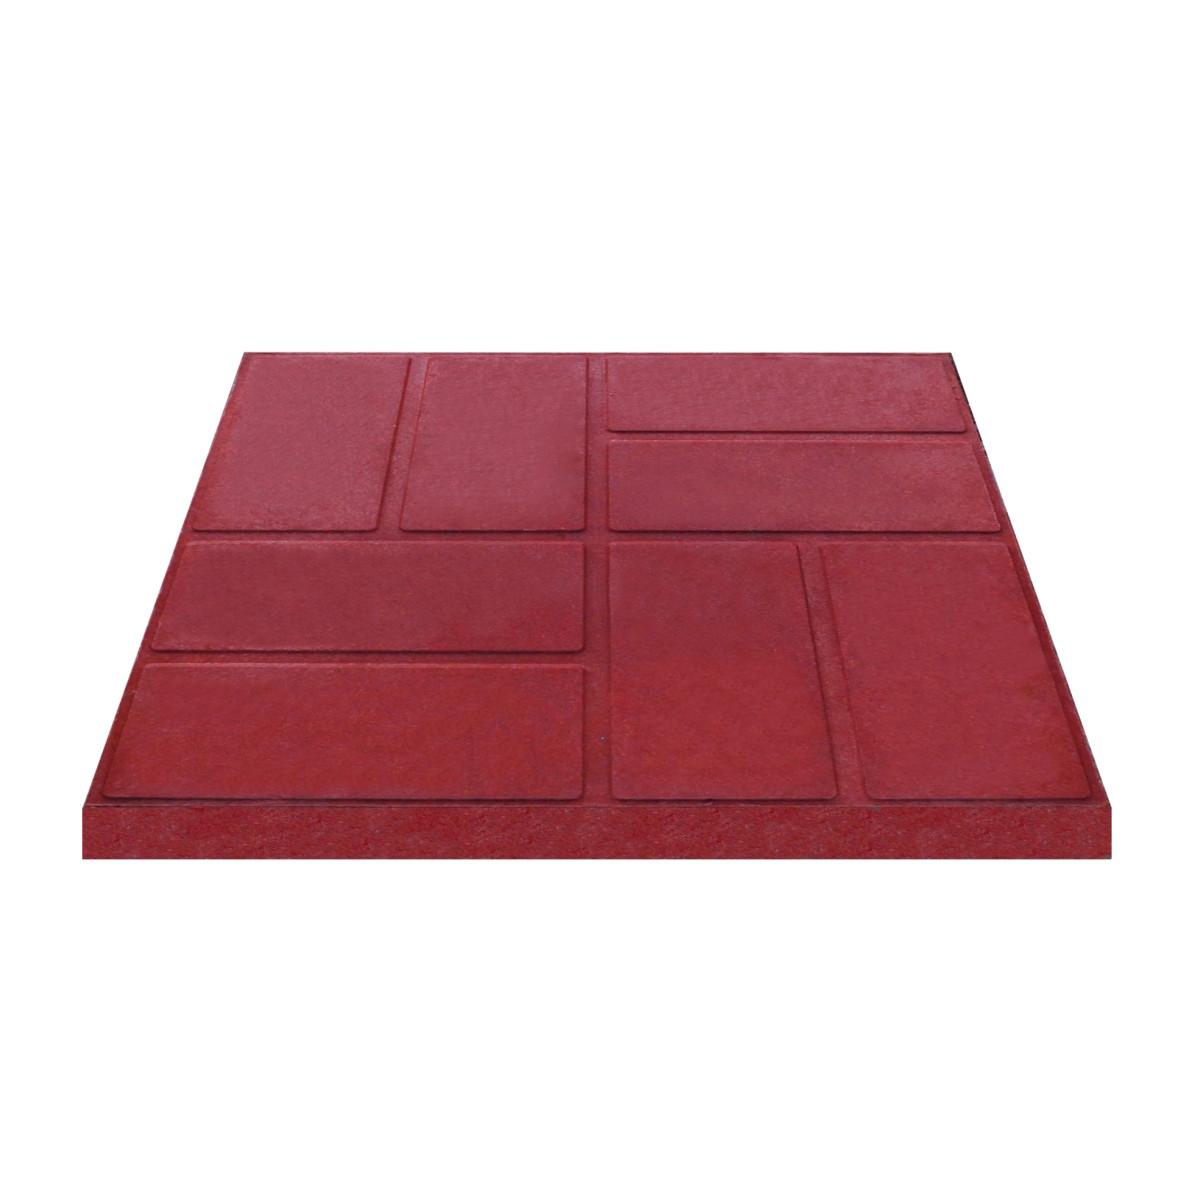 Плитка тротуарная 330x330x35 мм цвет красный